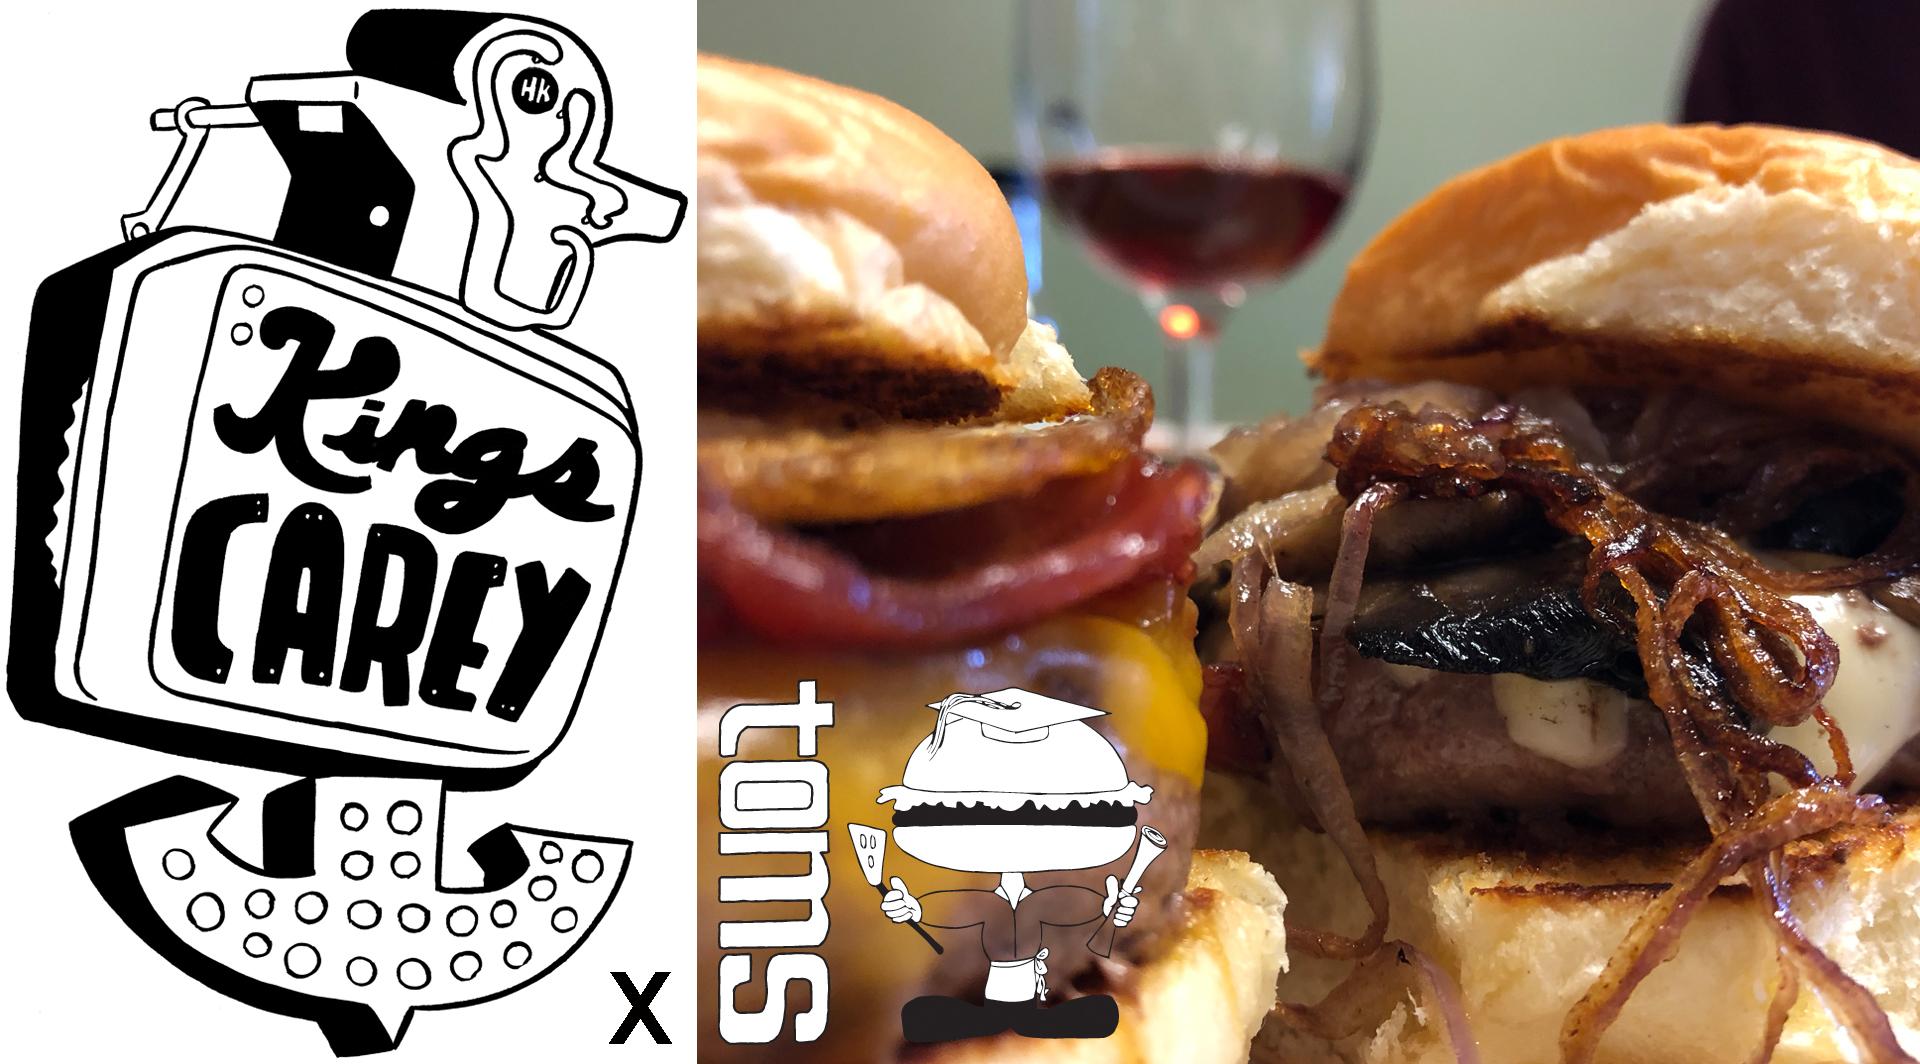 Kings Carey Wines x Tom's Burgers Pop-Up